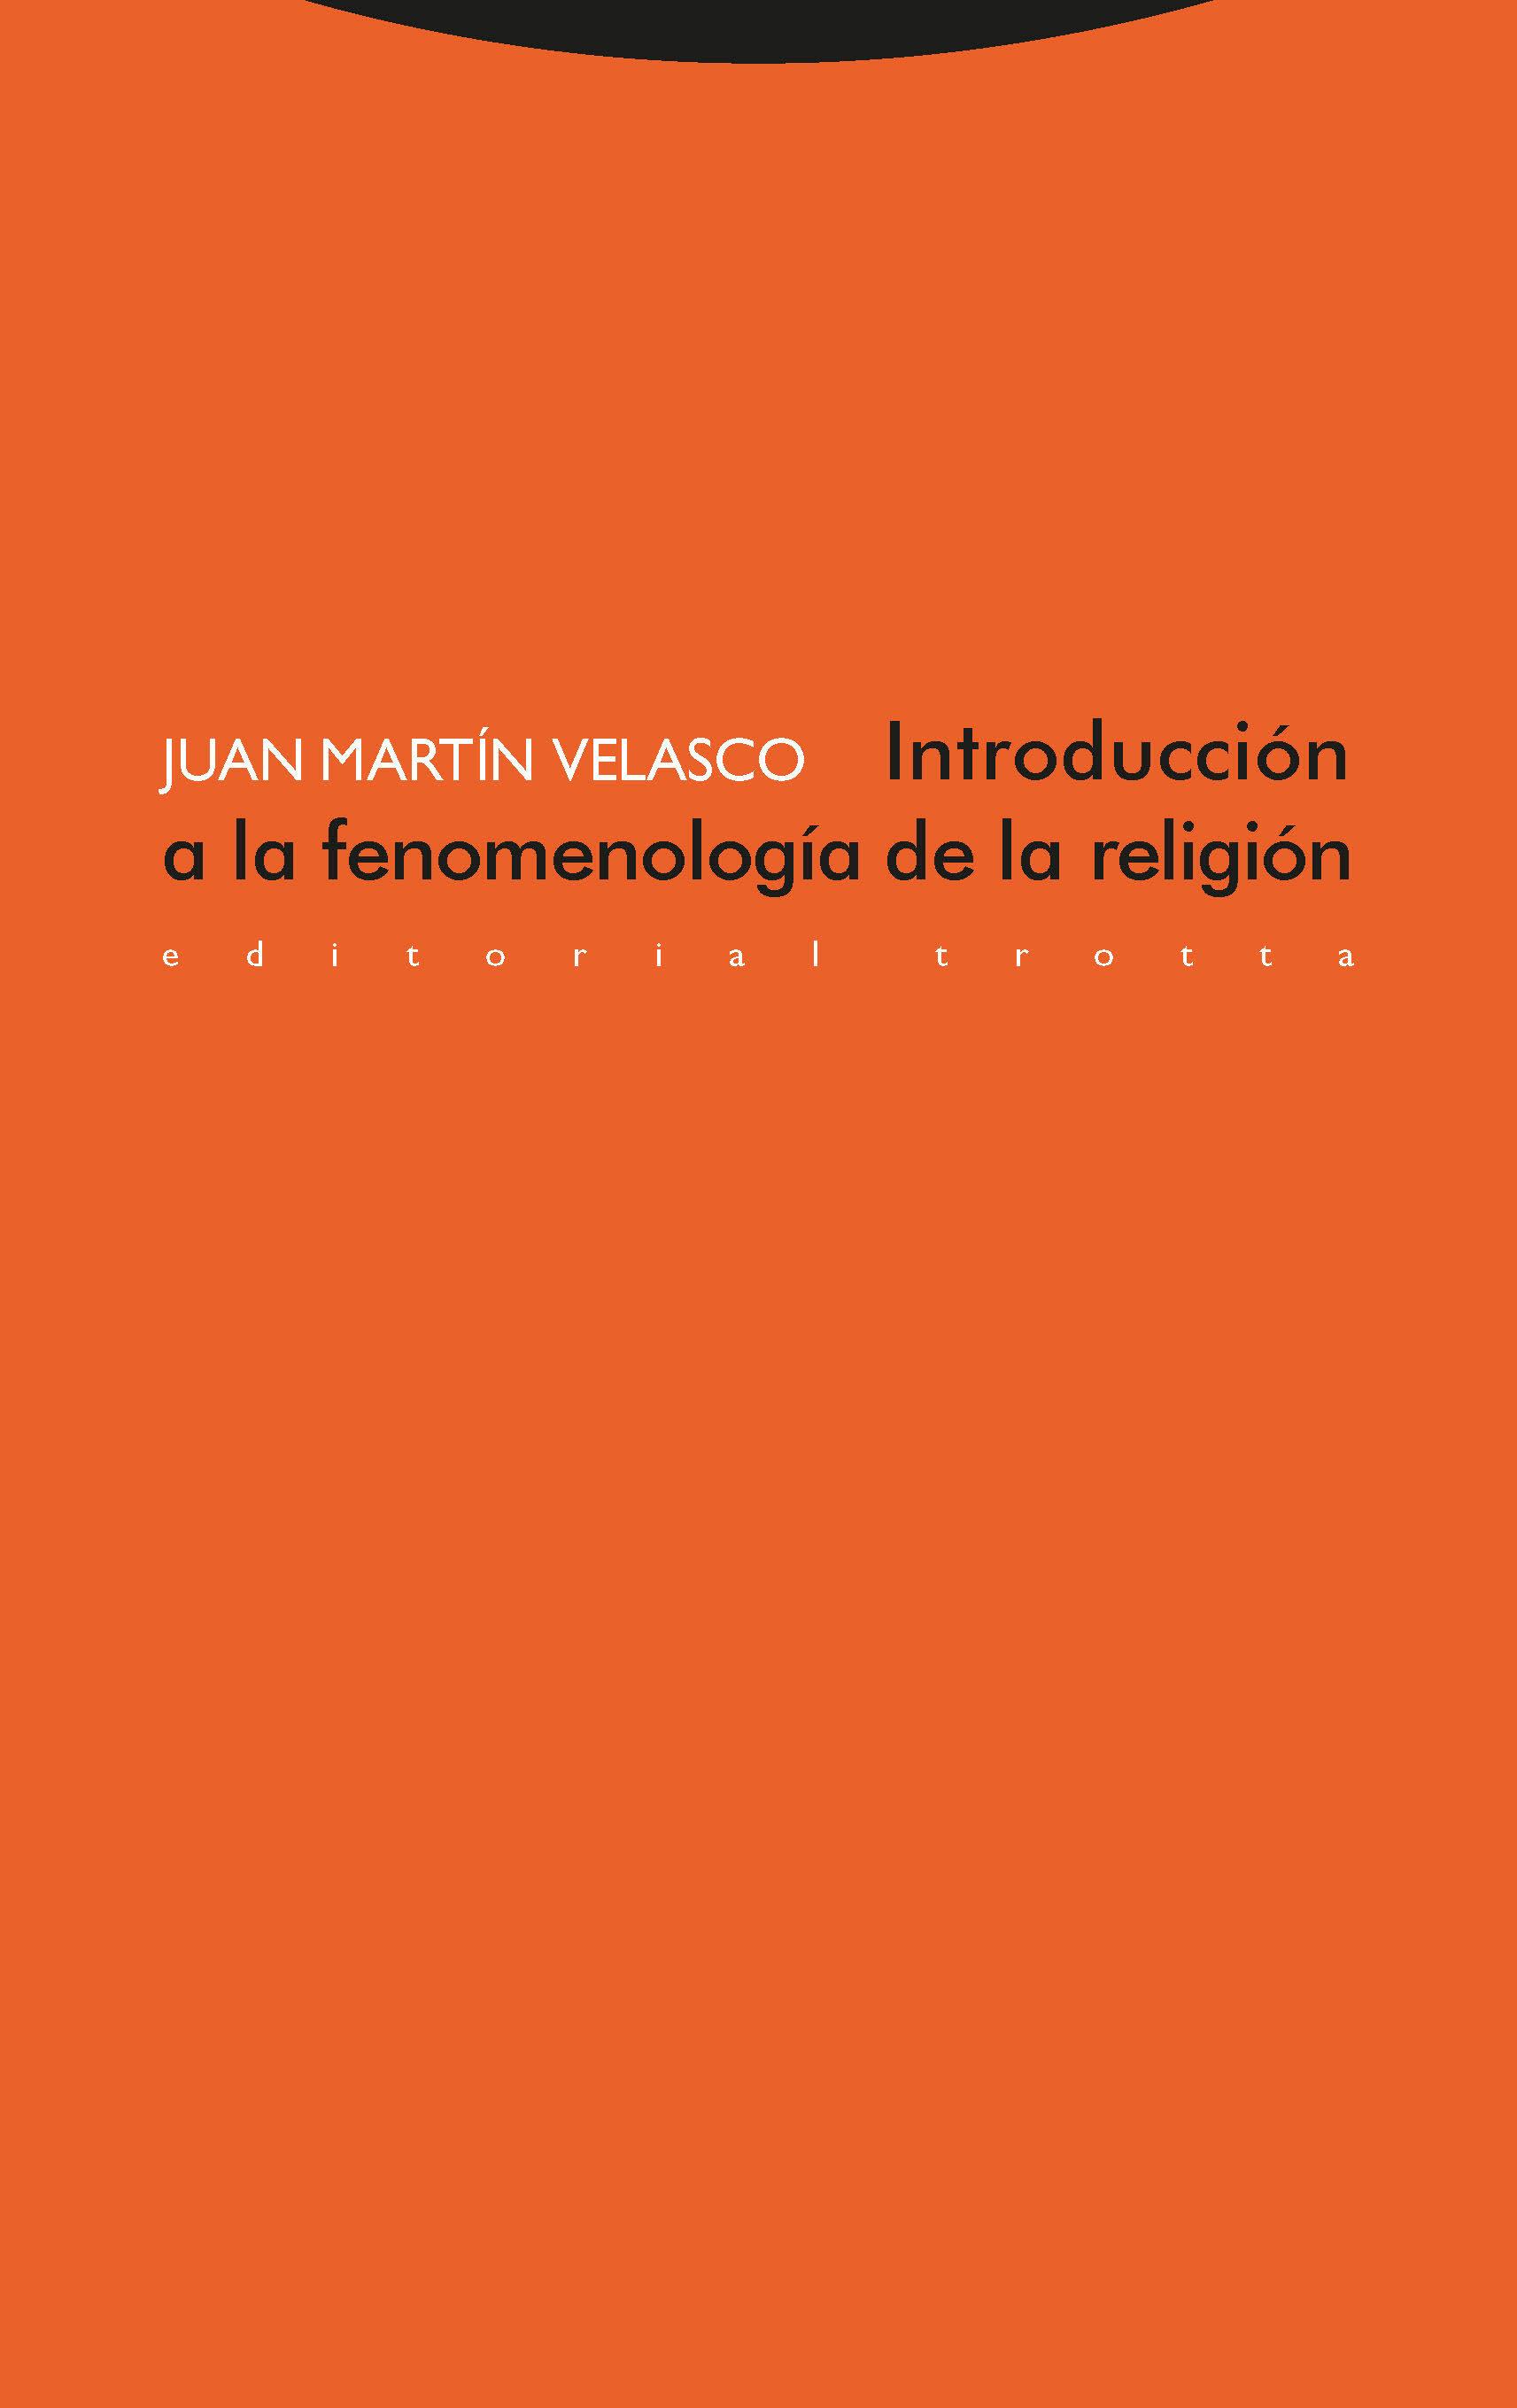 Introduccion A La Fenomenologia De La Religion por Juan Martin Velasco Gratis